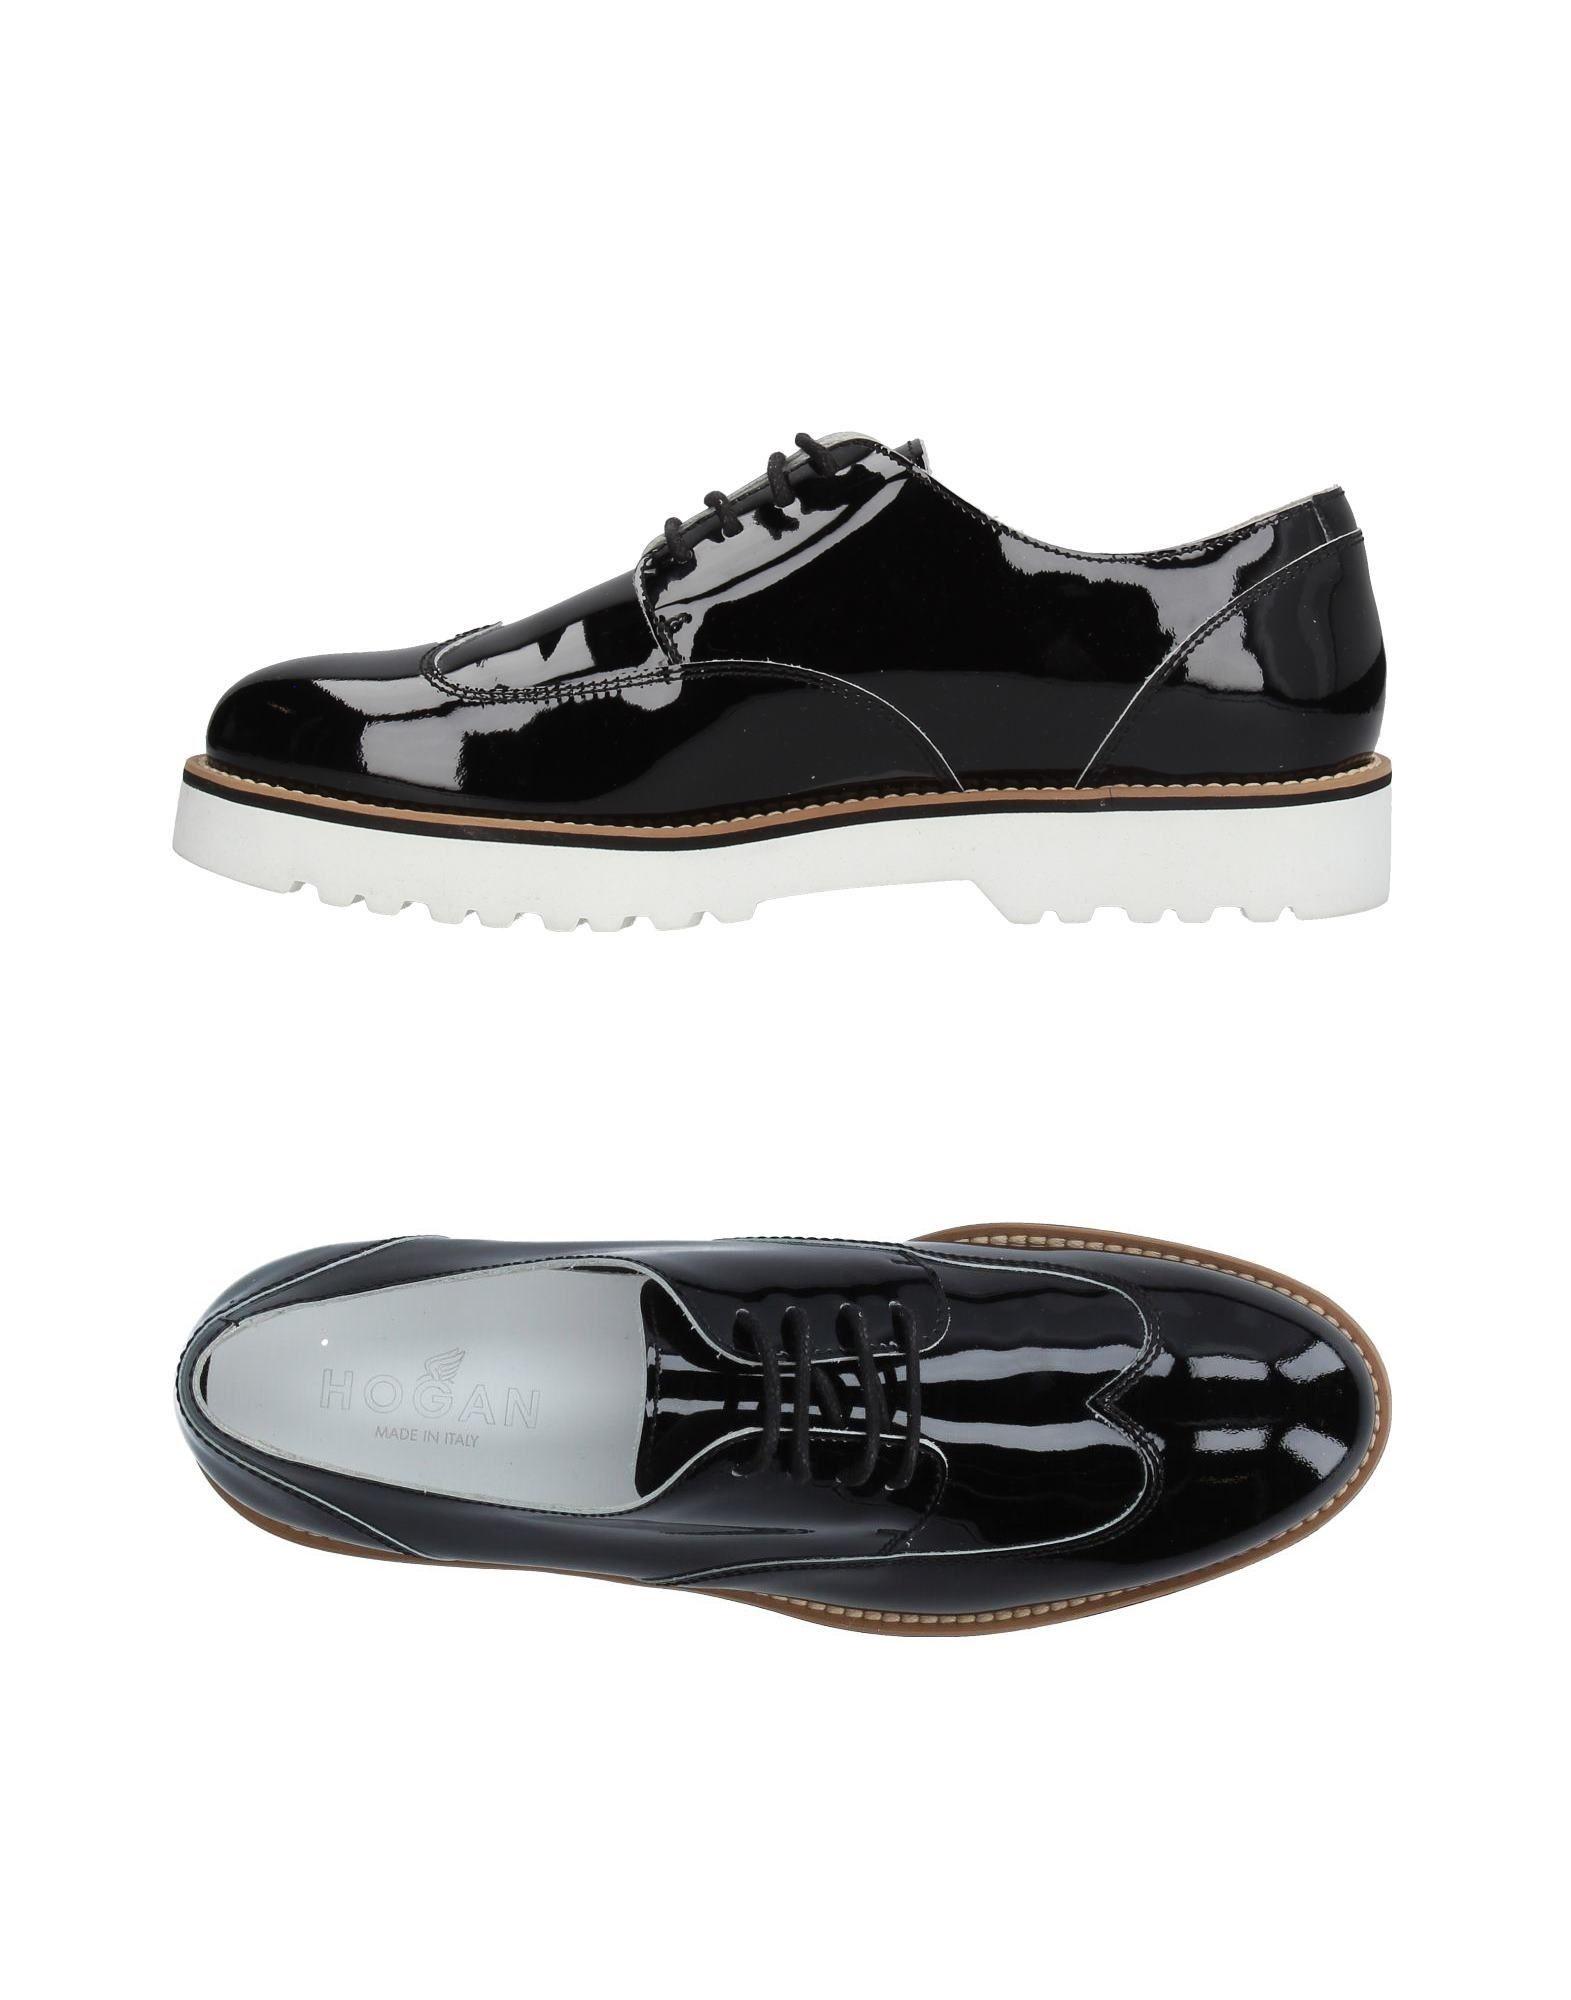 Hogan Schnürschuhe Damen  11214145HUGut aussehende strapazierfähige Schuhe